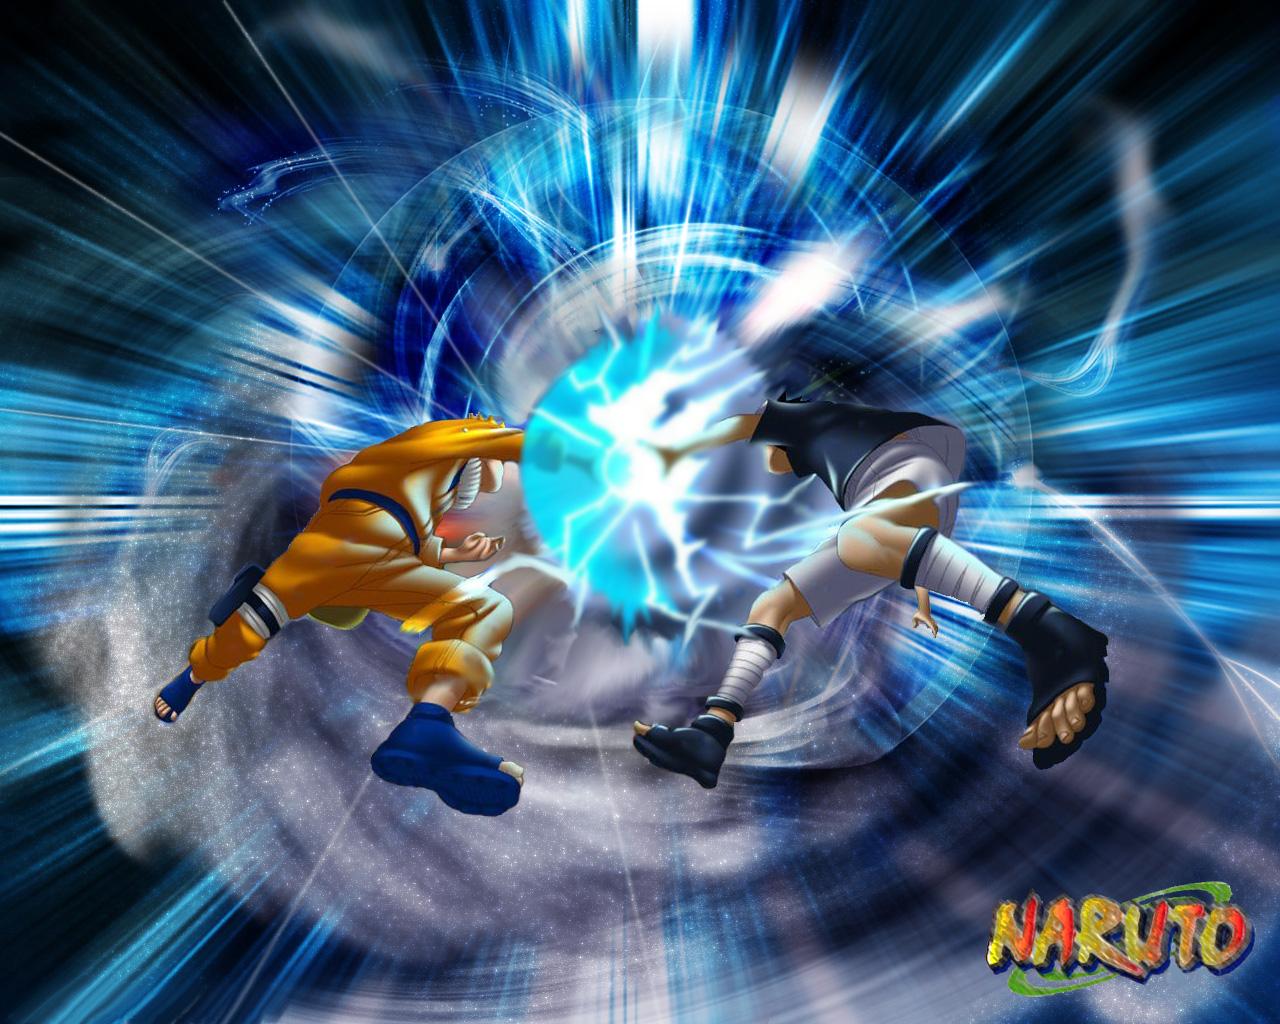 Naruto Wallpaper: Naruto - Rivalry - Minitokyo